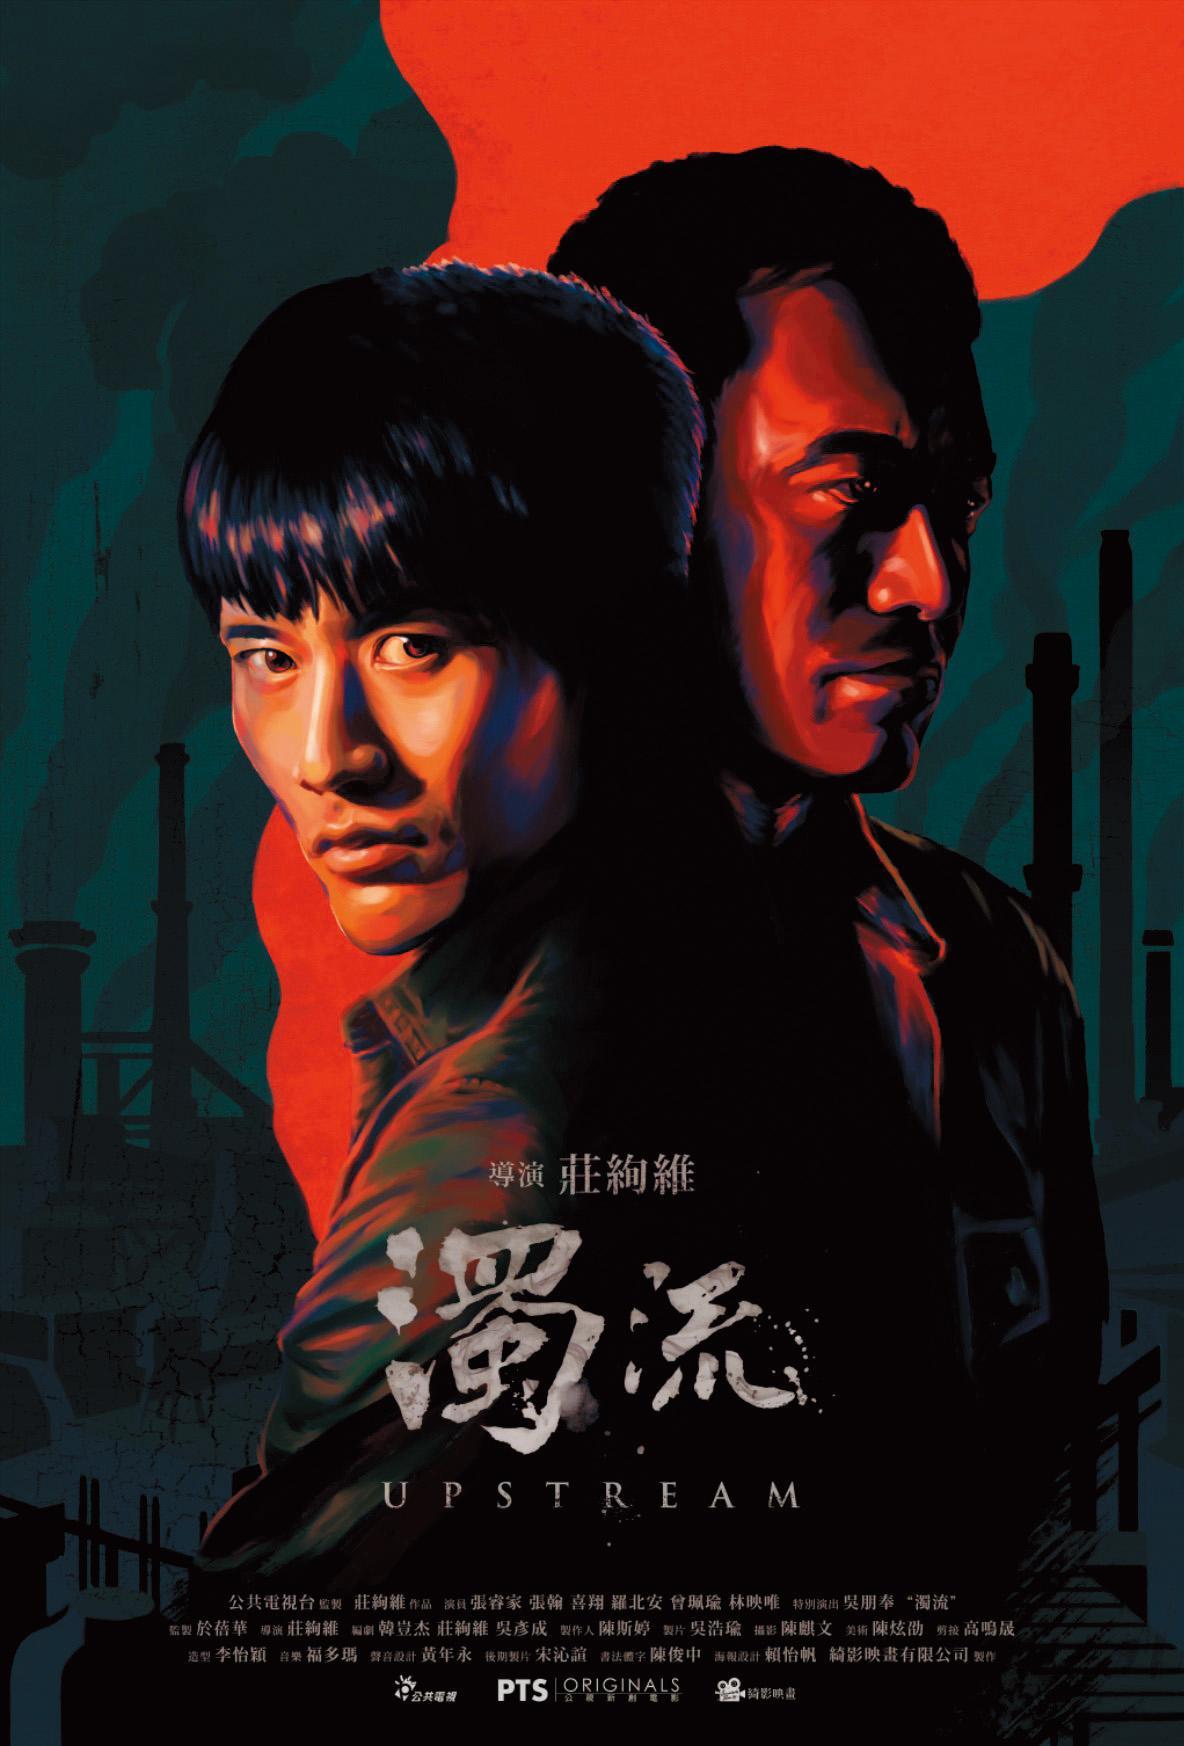 新創電影《濁流》,詮釋原本年輕美好的未來,最後卻只能亡命一搏的悲哀。